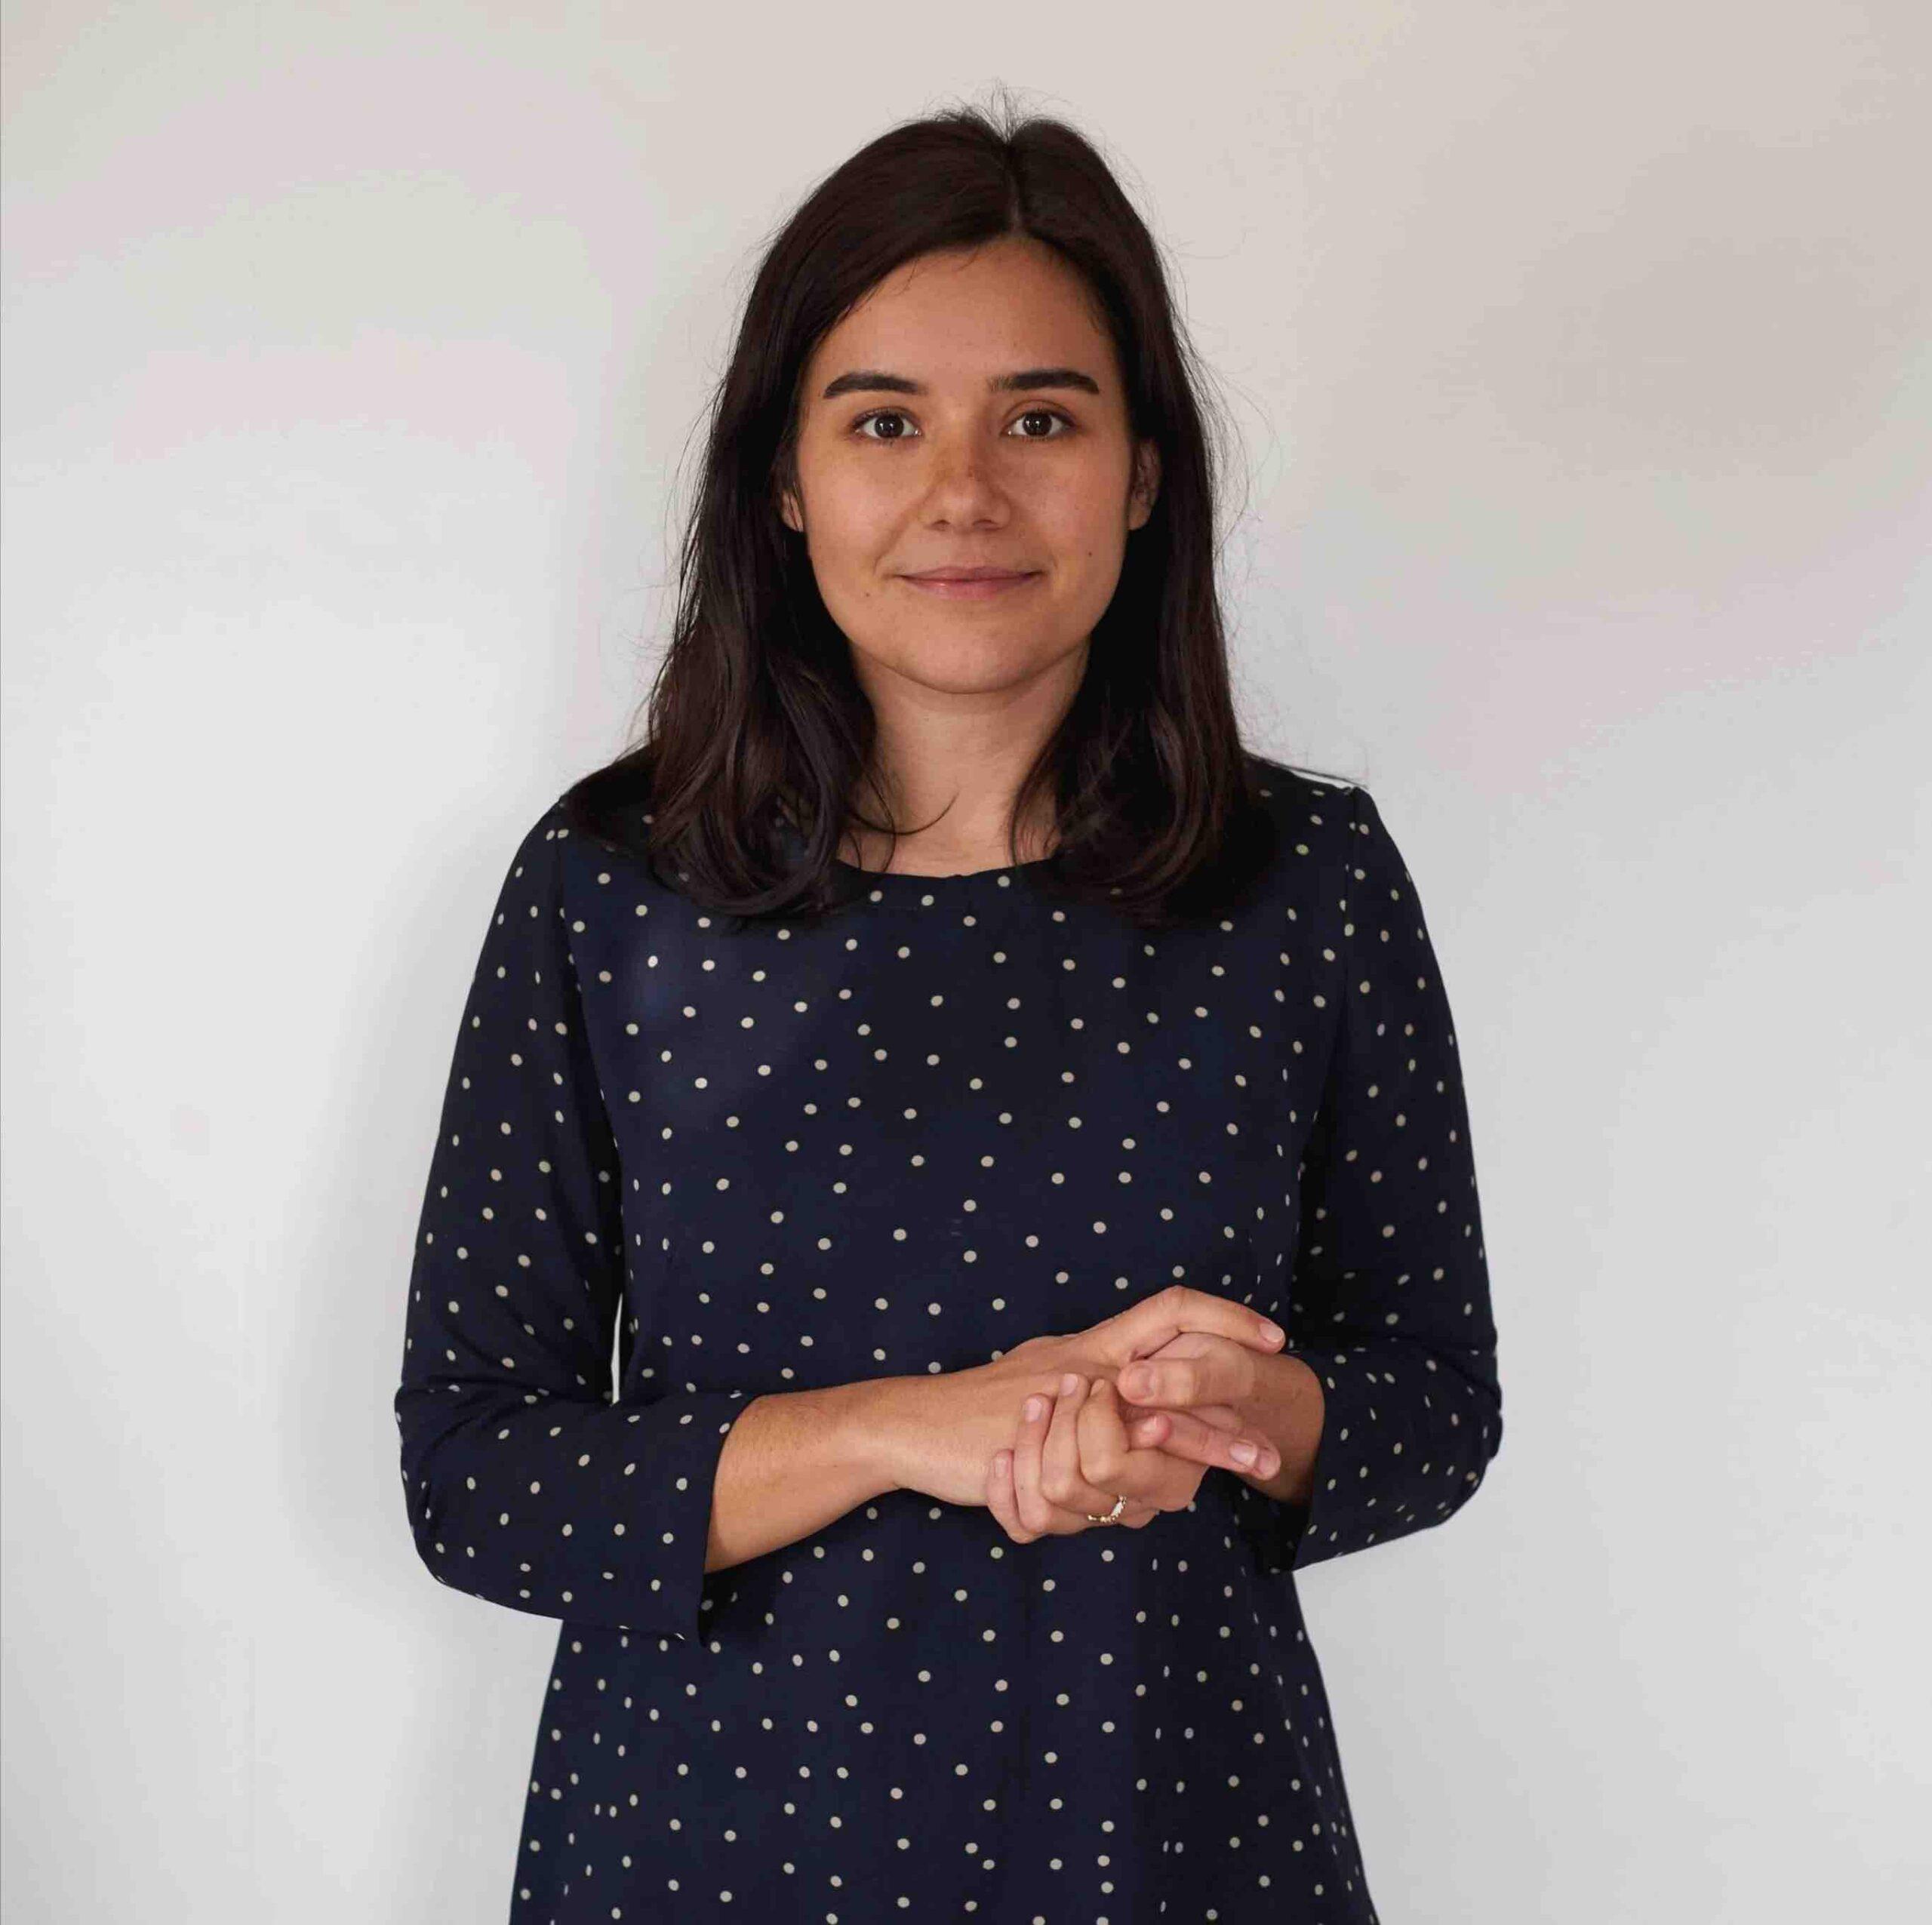 Lucie Chopard